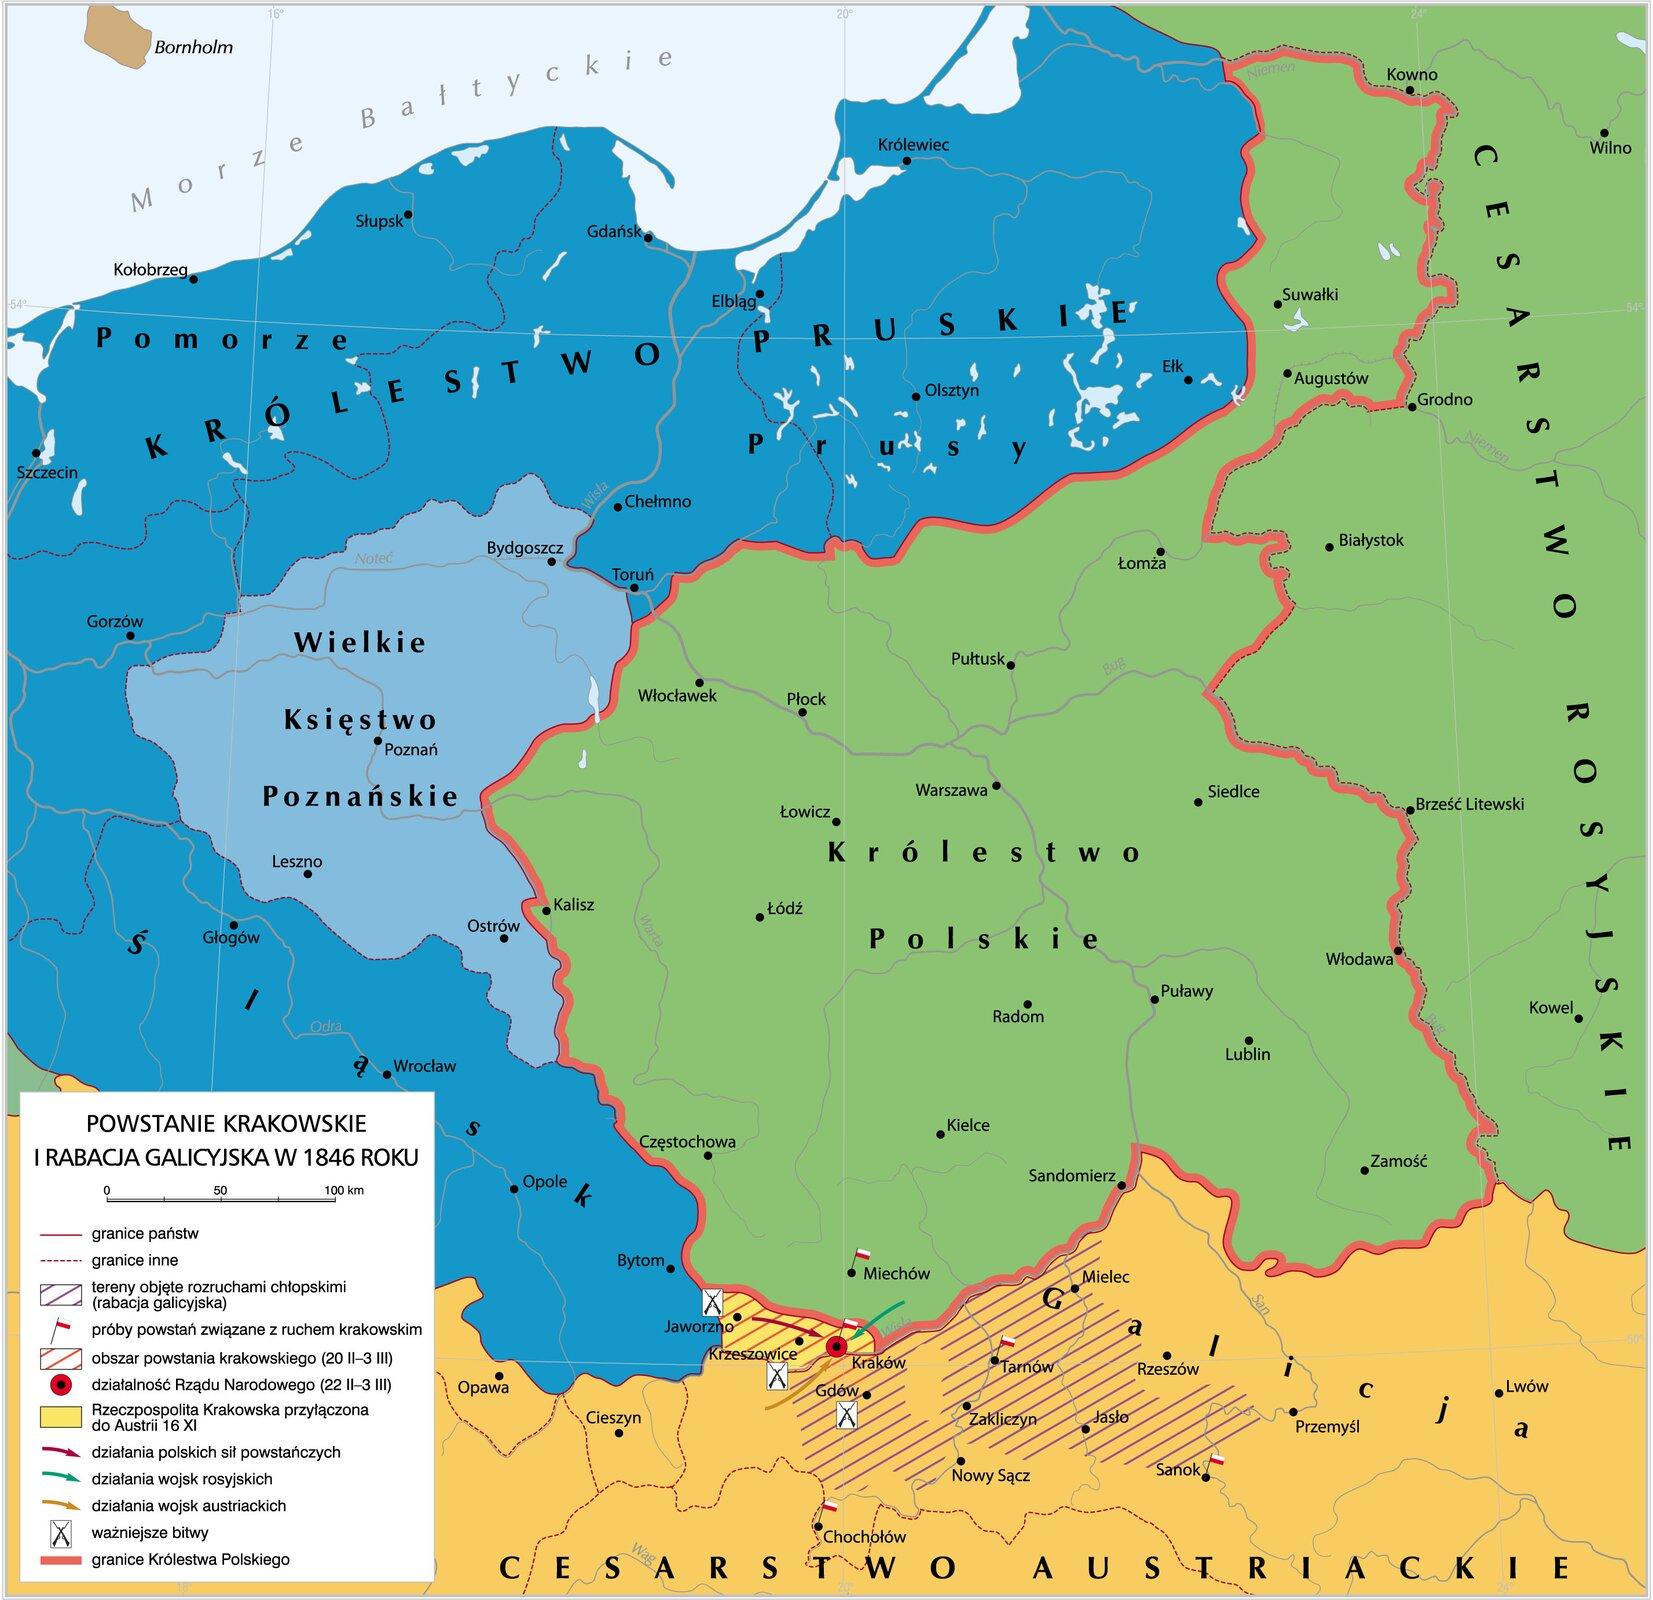 Powstanie krakowskie irabacja galicyjska Źródło: Krystian Chariza izespół, Powstanie krakowskie irabacja galicyjska , licencja: CC BY 3.0.